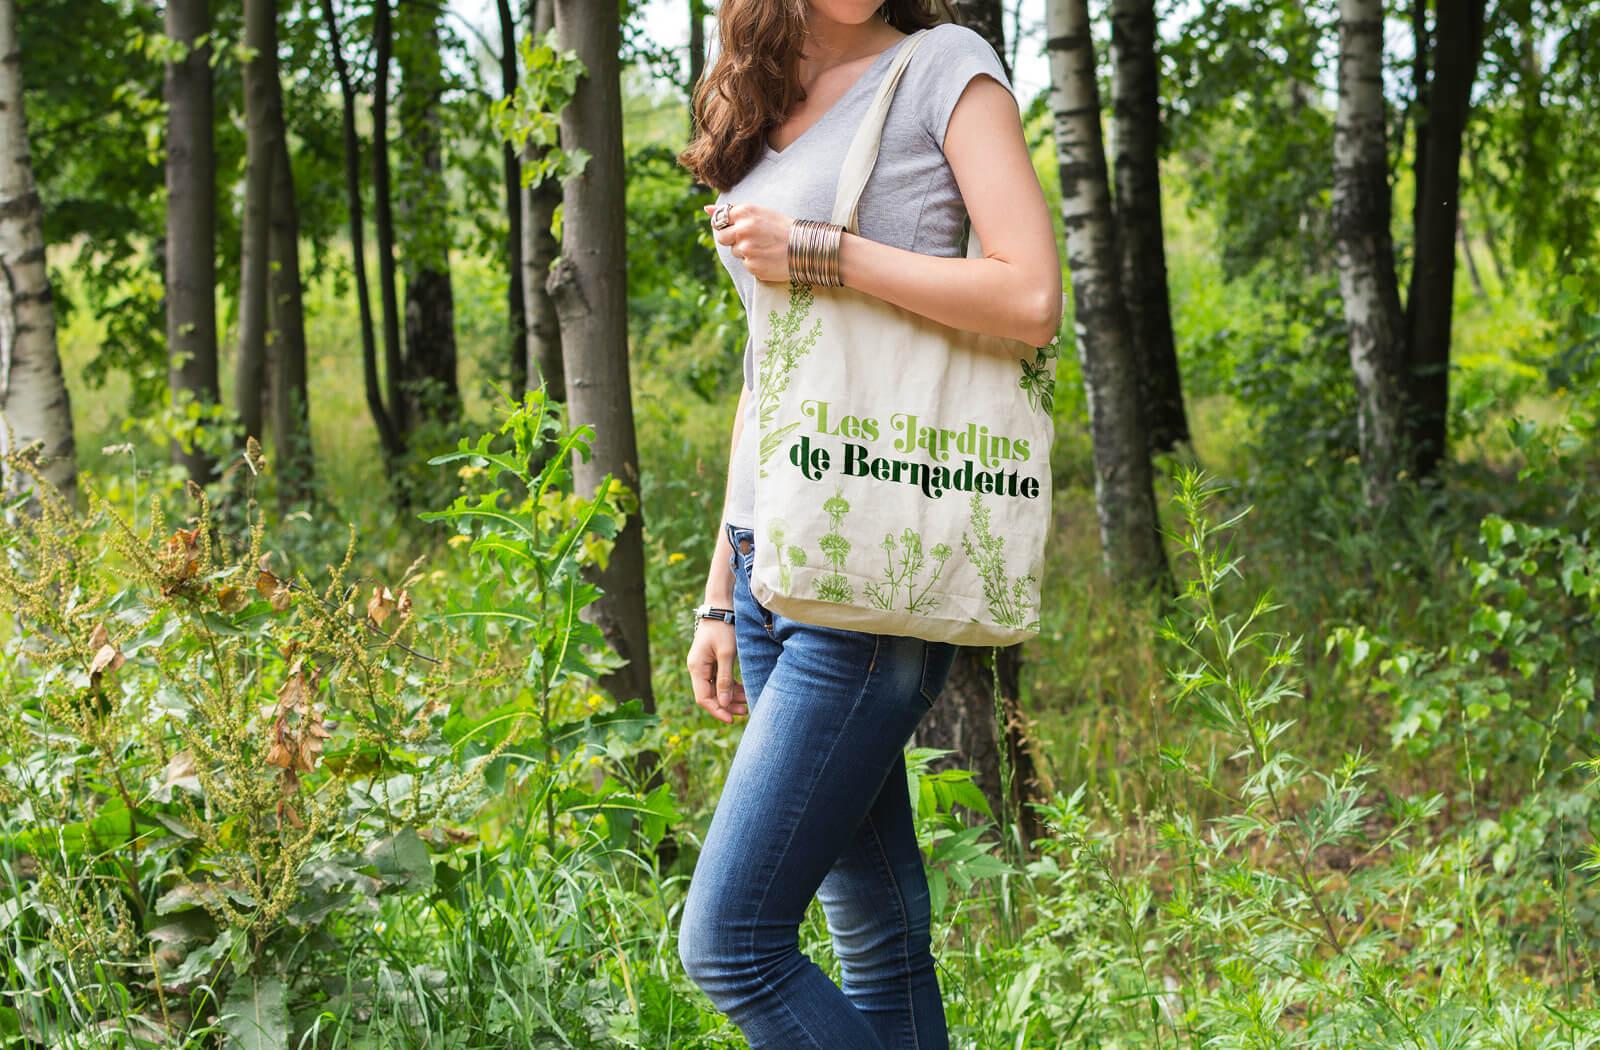 lezardscreation agence communication publicite vosges remiremont les jardins de bernadette les jardins de bernadette lezards creation totebag